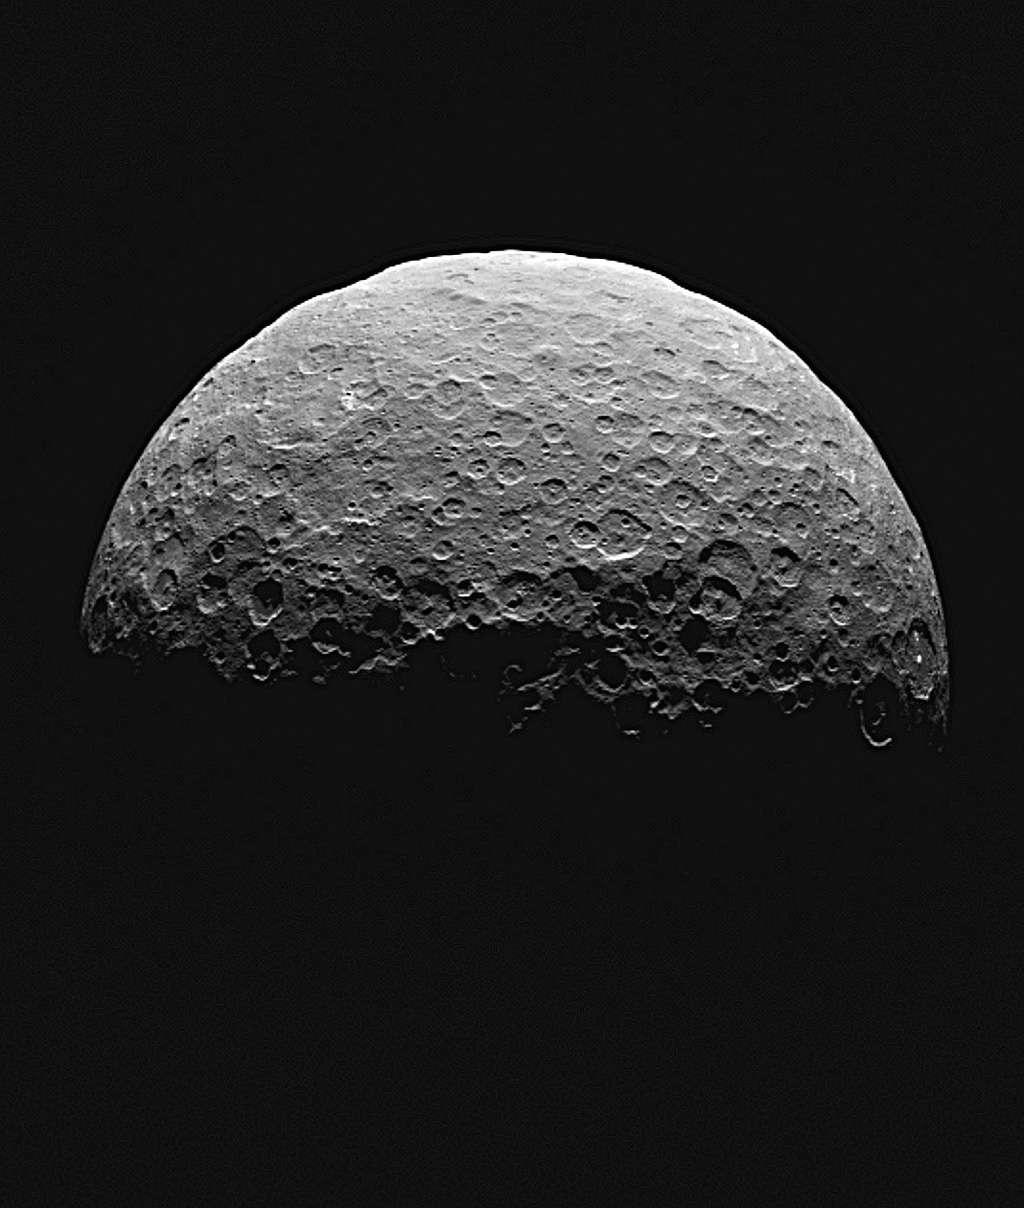 La sonde Dawn se situait à 22.000 km de la surface de Cérès lorsqu'elle a pris cette vue au-dessus du pôle nord de la planète naine, entre le 14 et le 15 avril. La résolution de l'image atteint 2,1 km par pixel. © Nasa, JPL-Caltech, UCLA, MPS, DLR, IDA